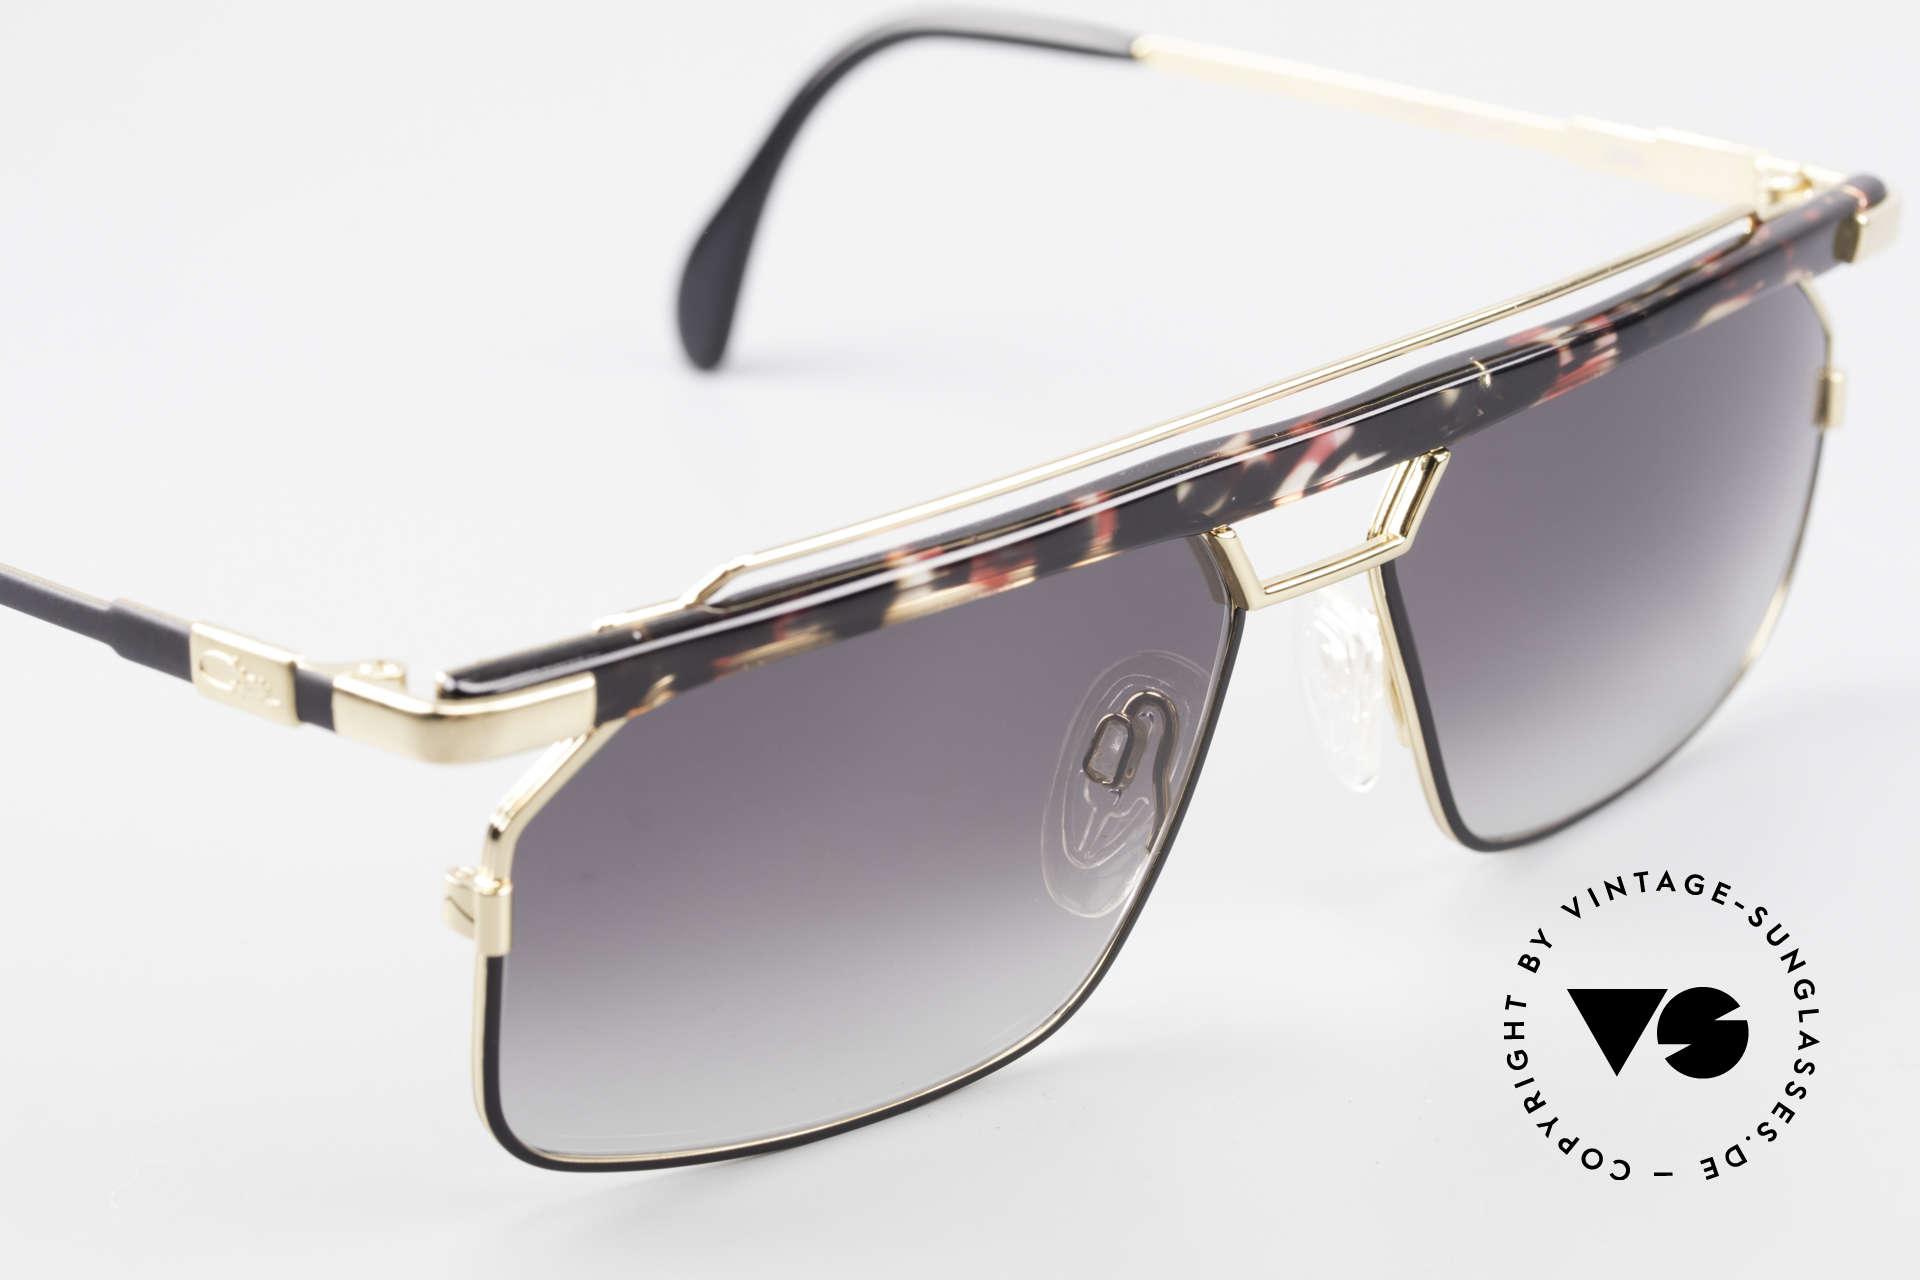 Cazal 752 Rare Vintage Sonnenbrille 90er, ein Hingucker in Kolorierung: rubin-anthrazit / gold, Passend für Herren